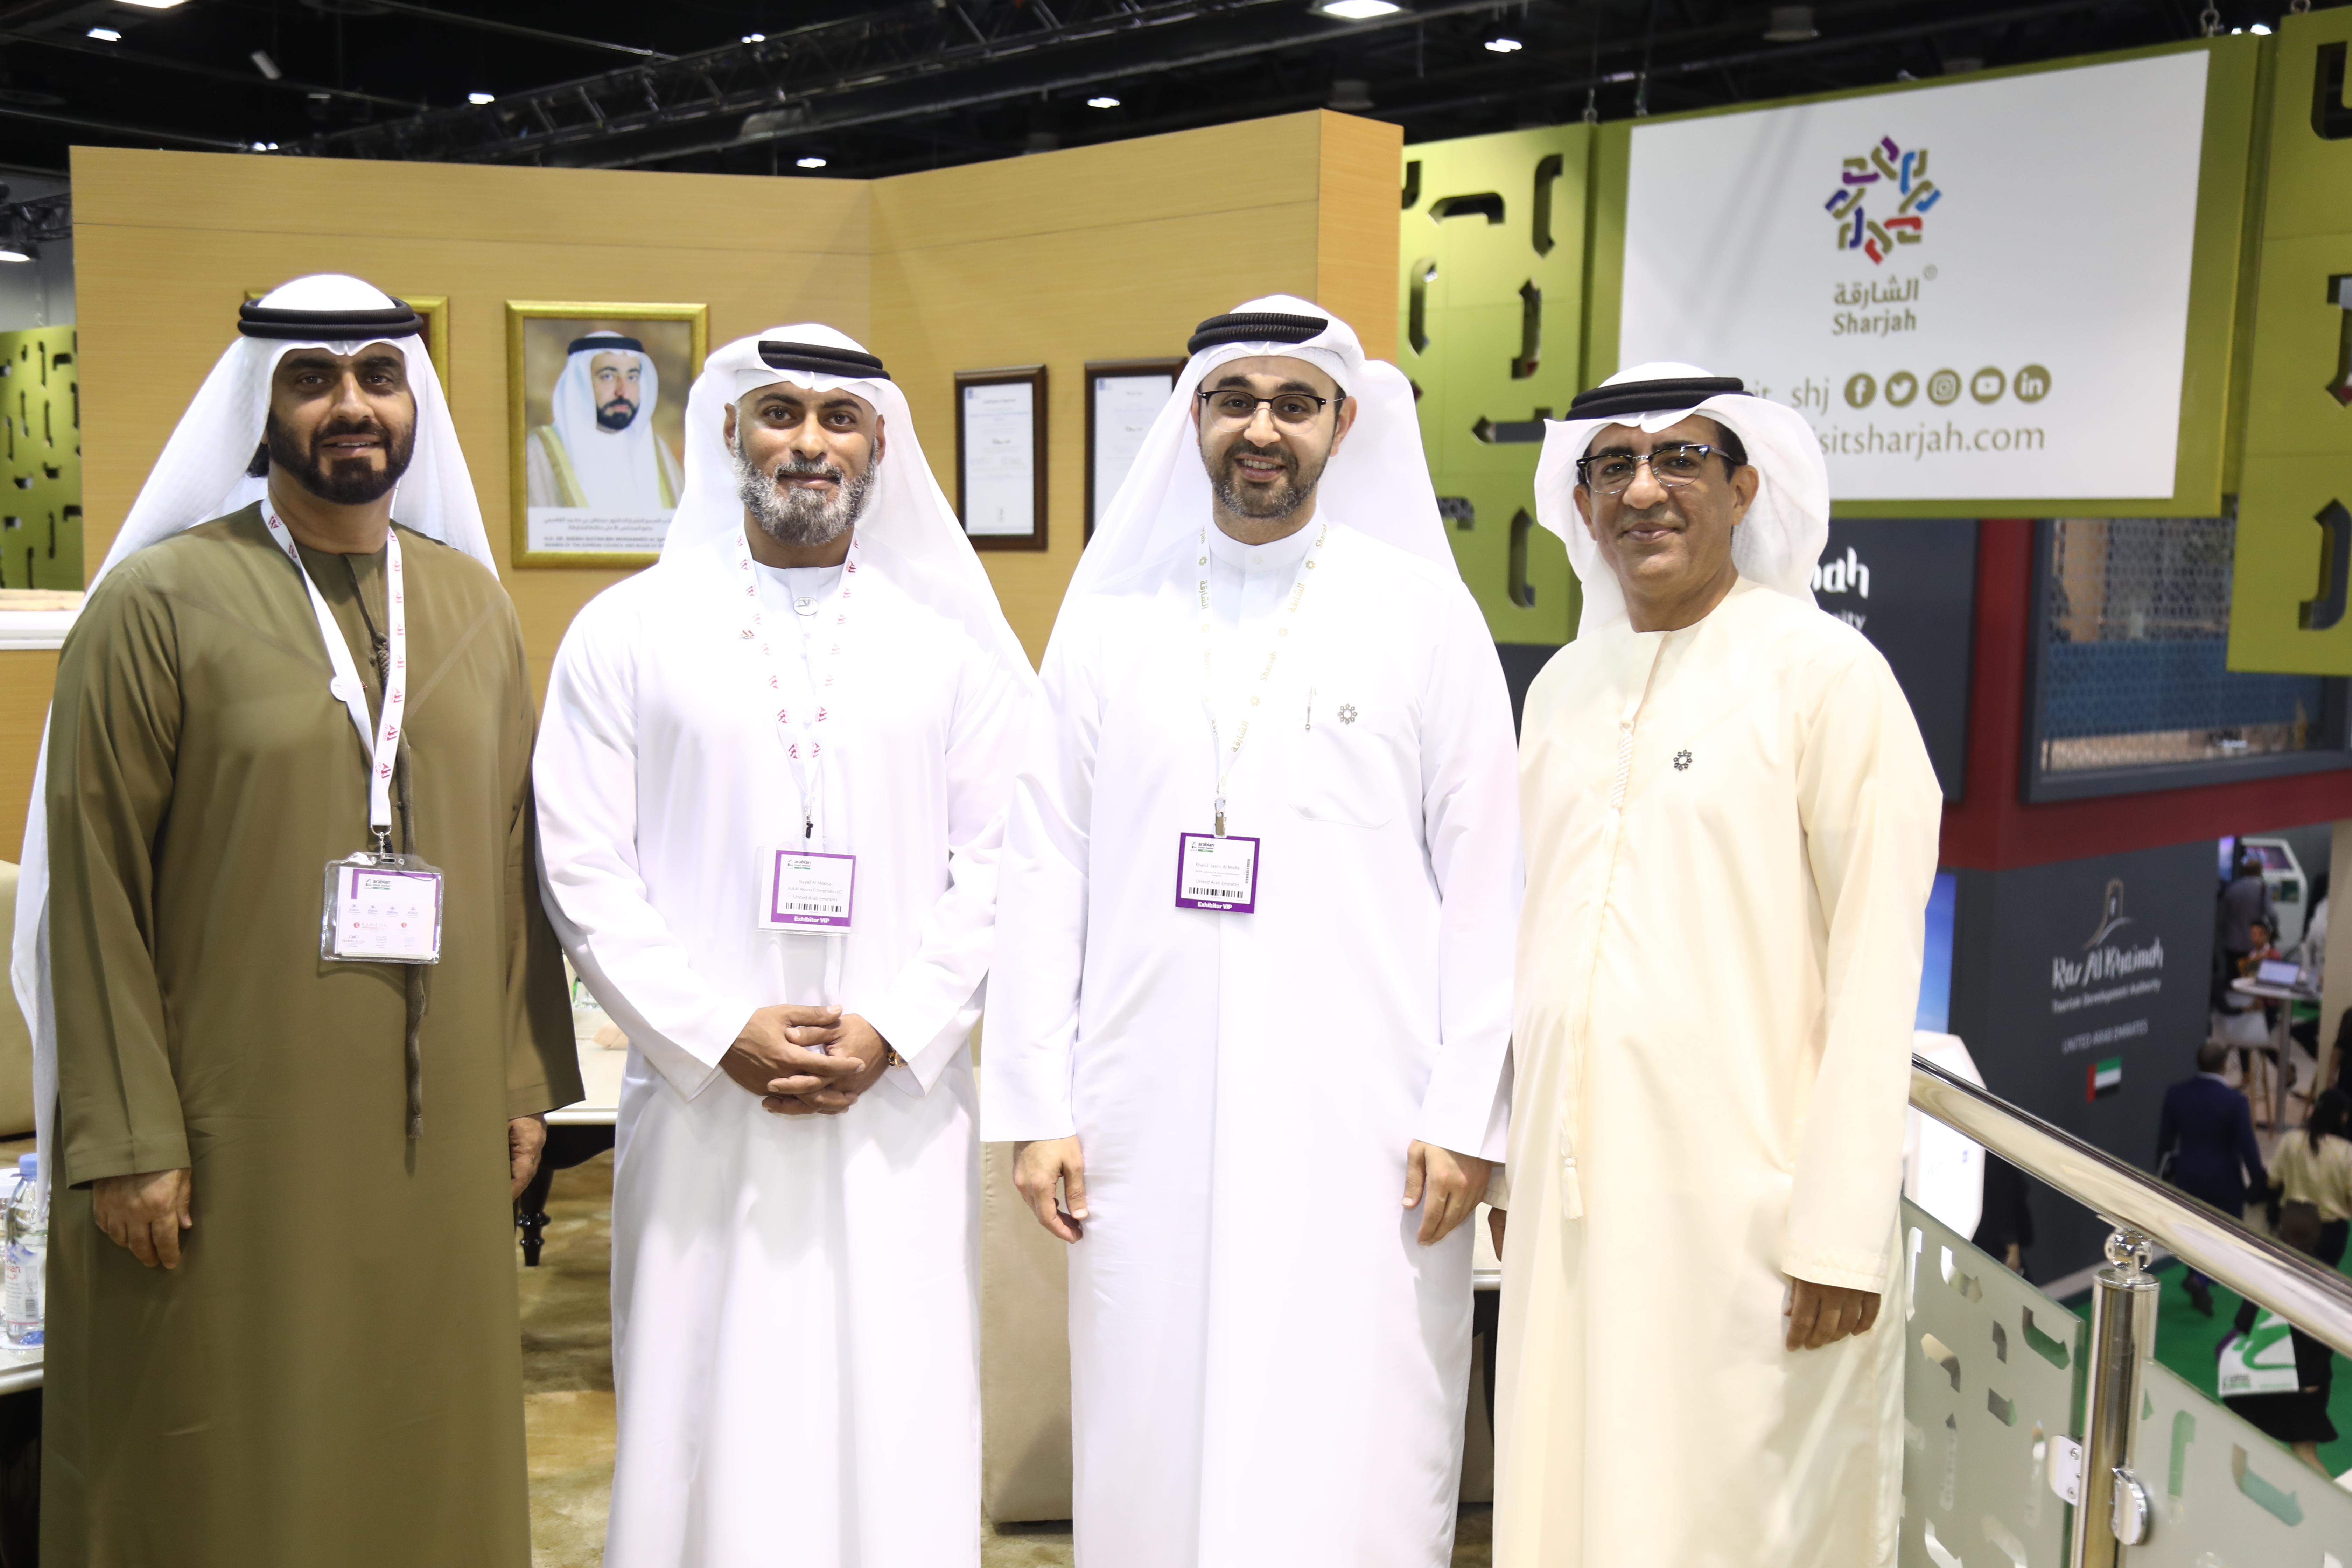 شركة مشاريع عبدالله أحمد الموسى تعلن عن تحديث العلامة التجارية لفندقها في الشارقة